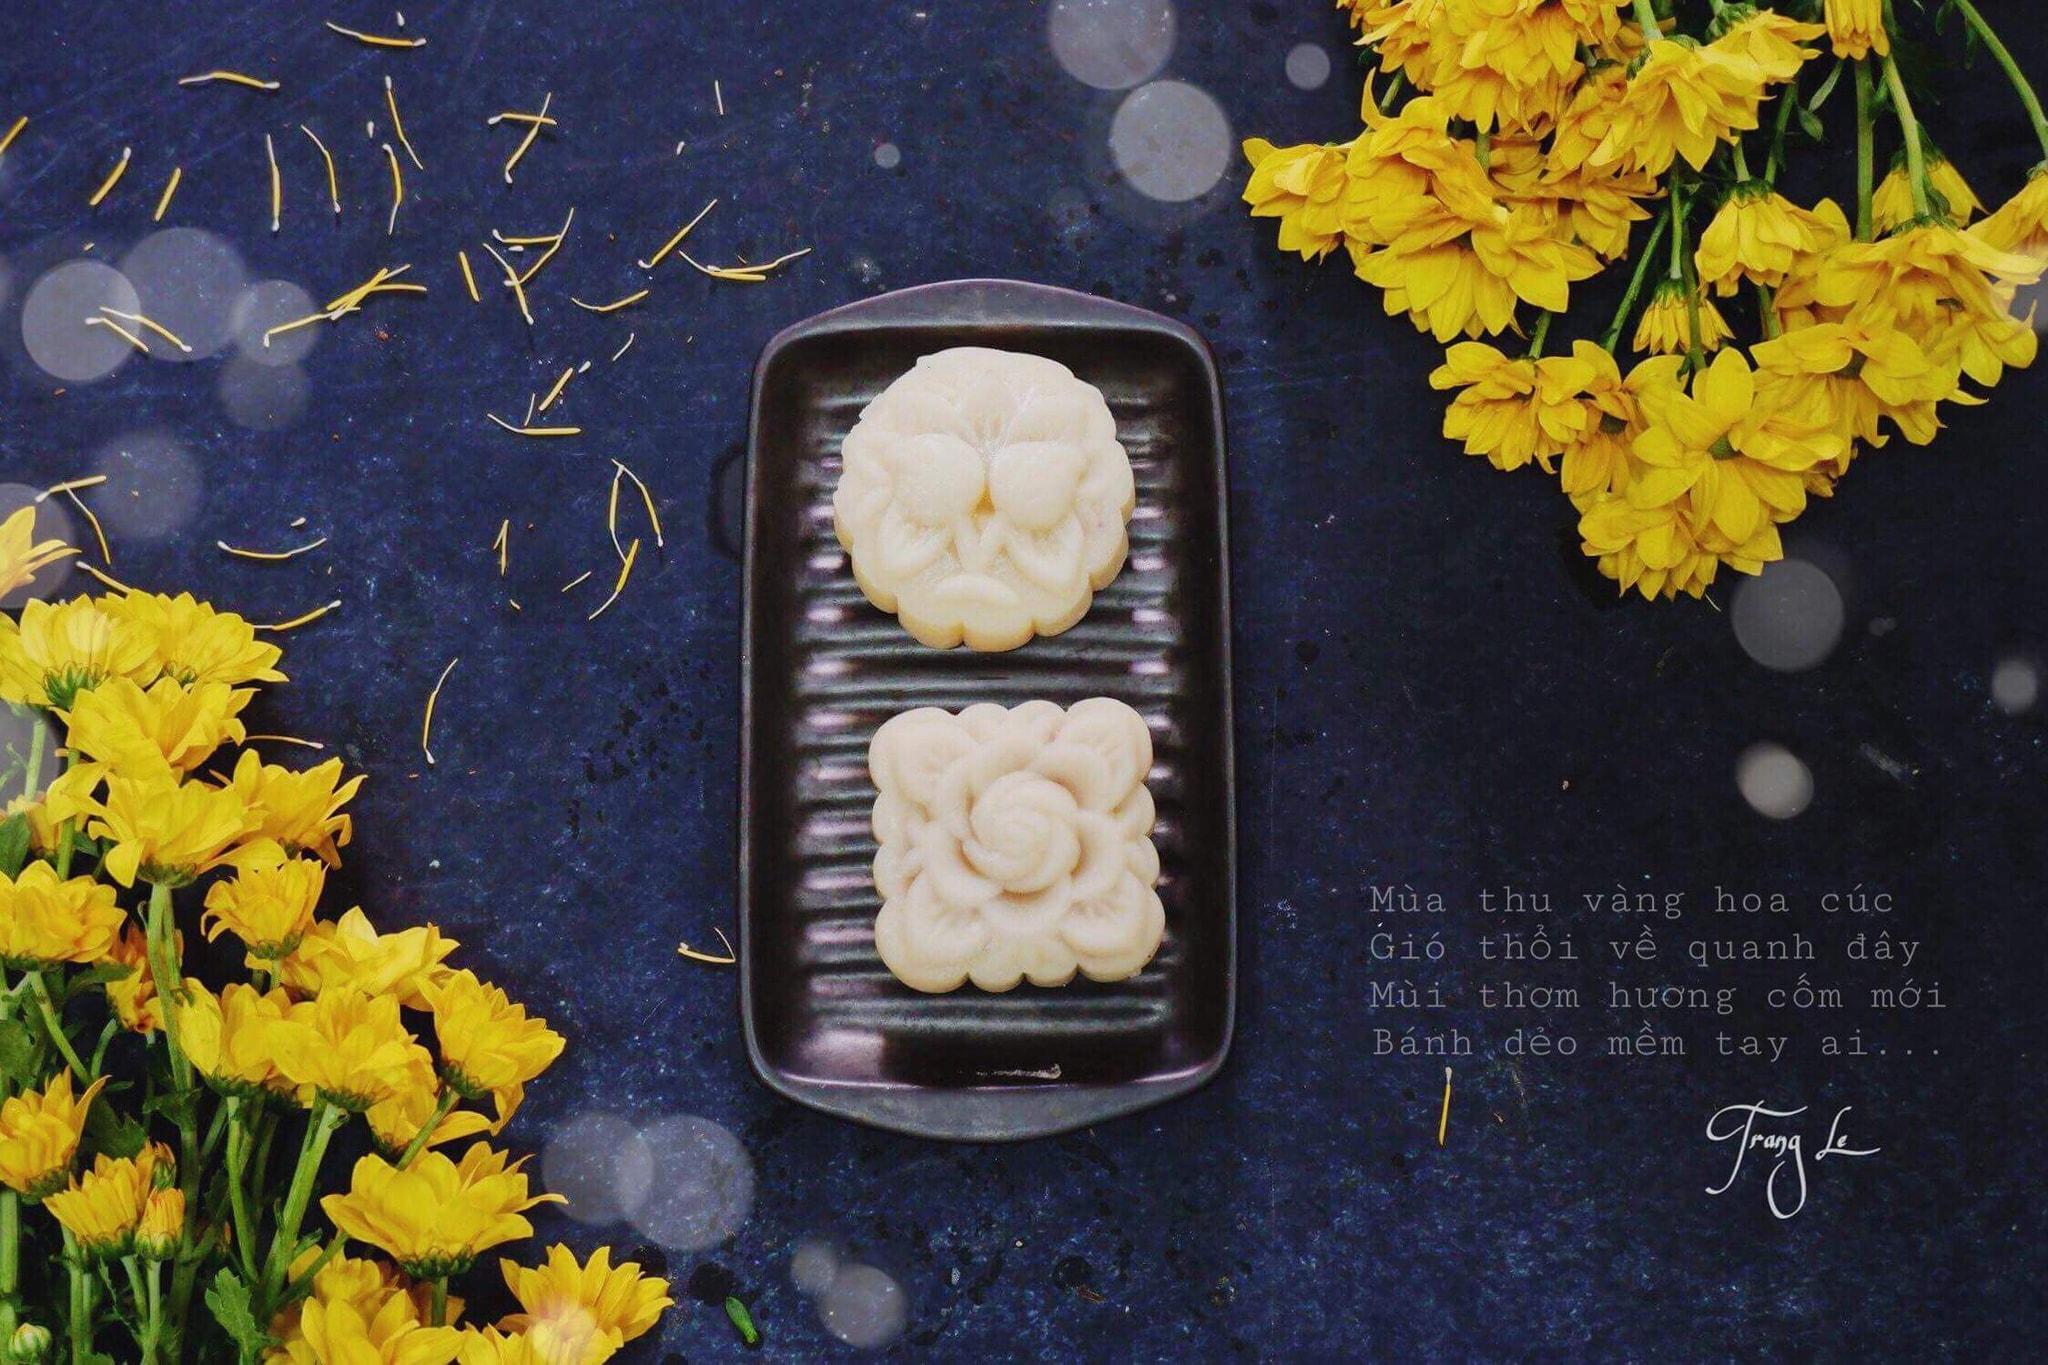 những chiếc bánh trung thu 3 những chiếc bánh trung thu Những chiếc bánh Trung thu đẹp nức nở mà chẳng nỡ ăn nhung chiec banh trung thu 3